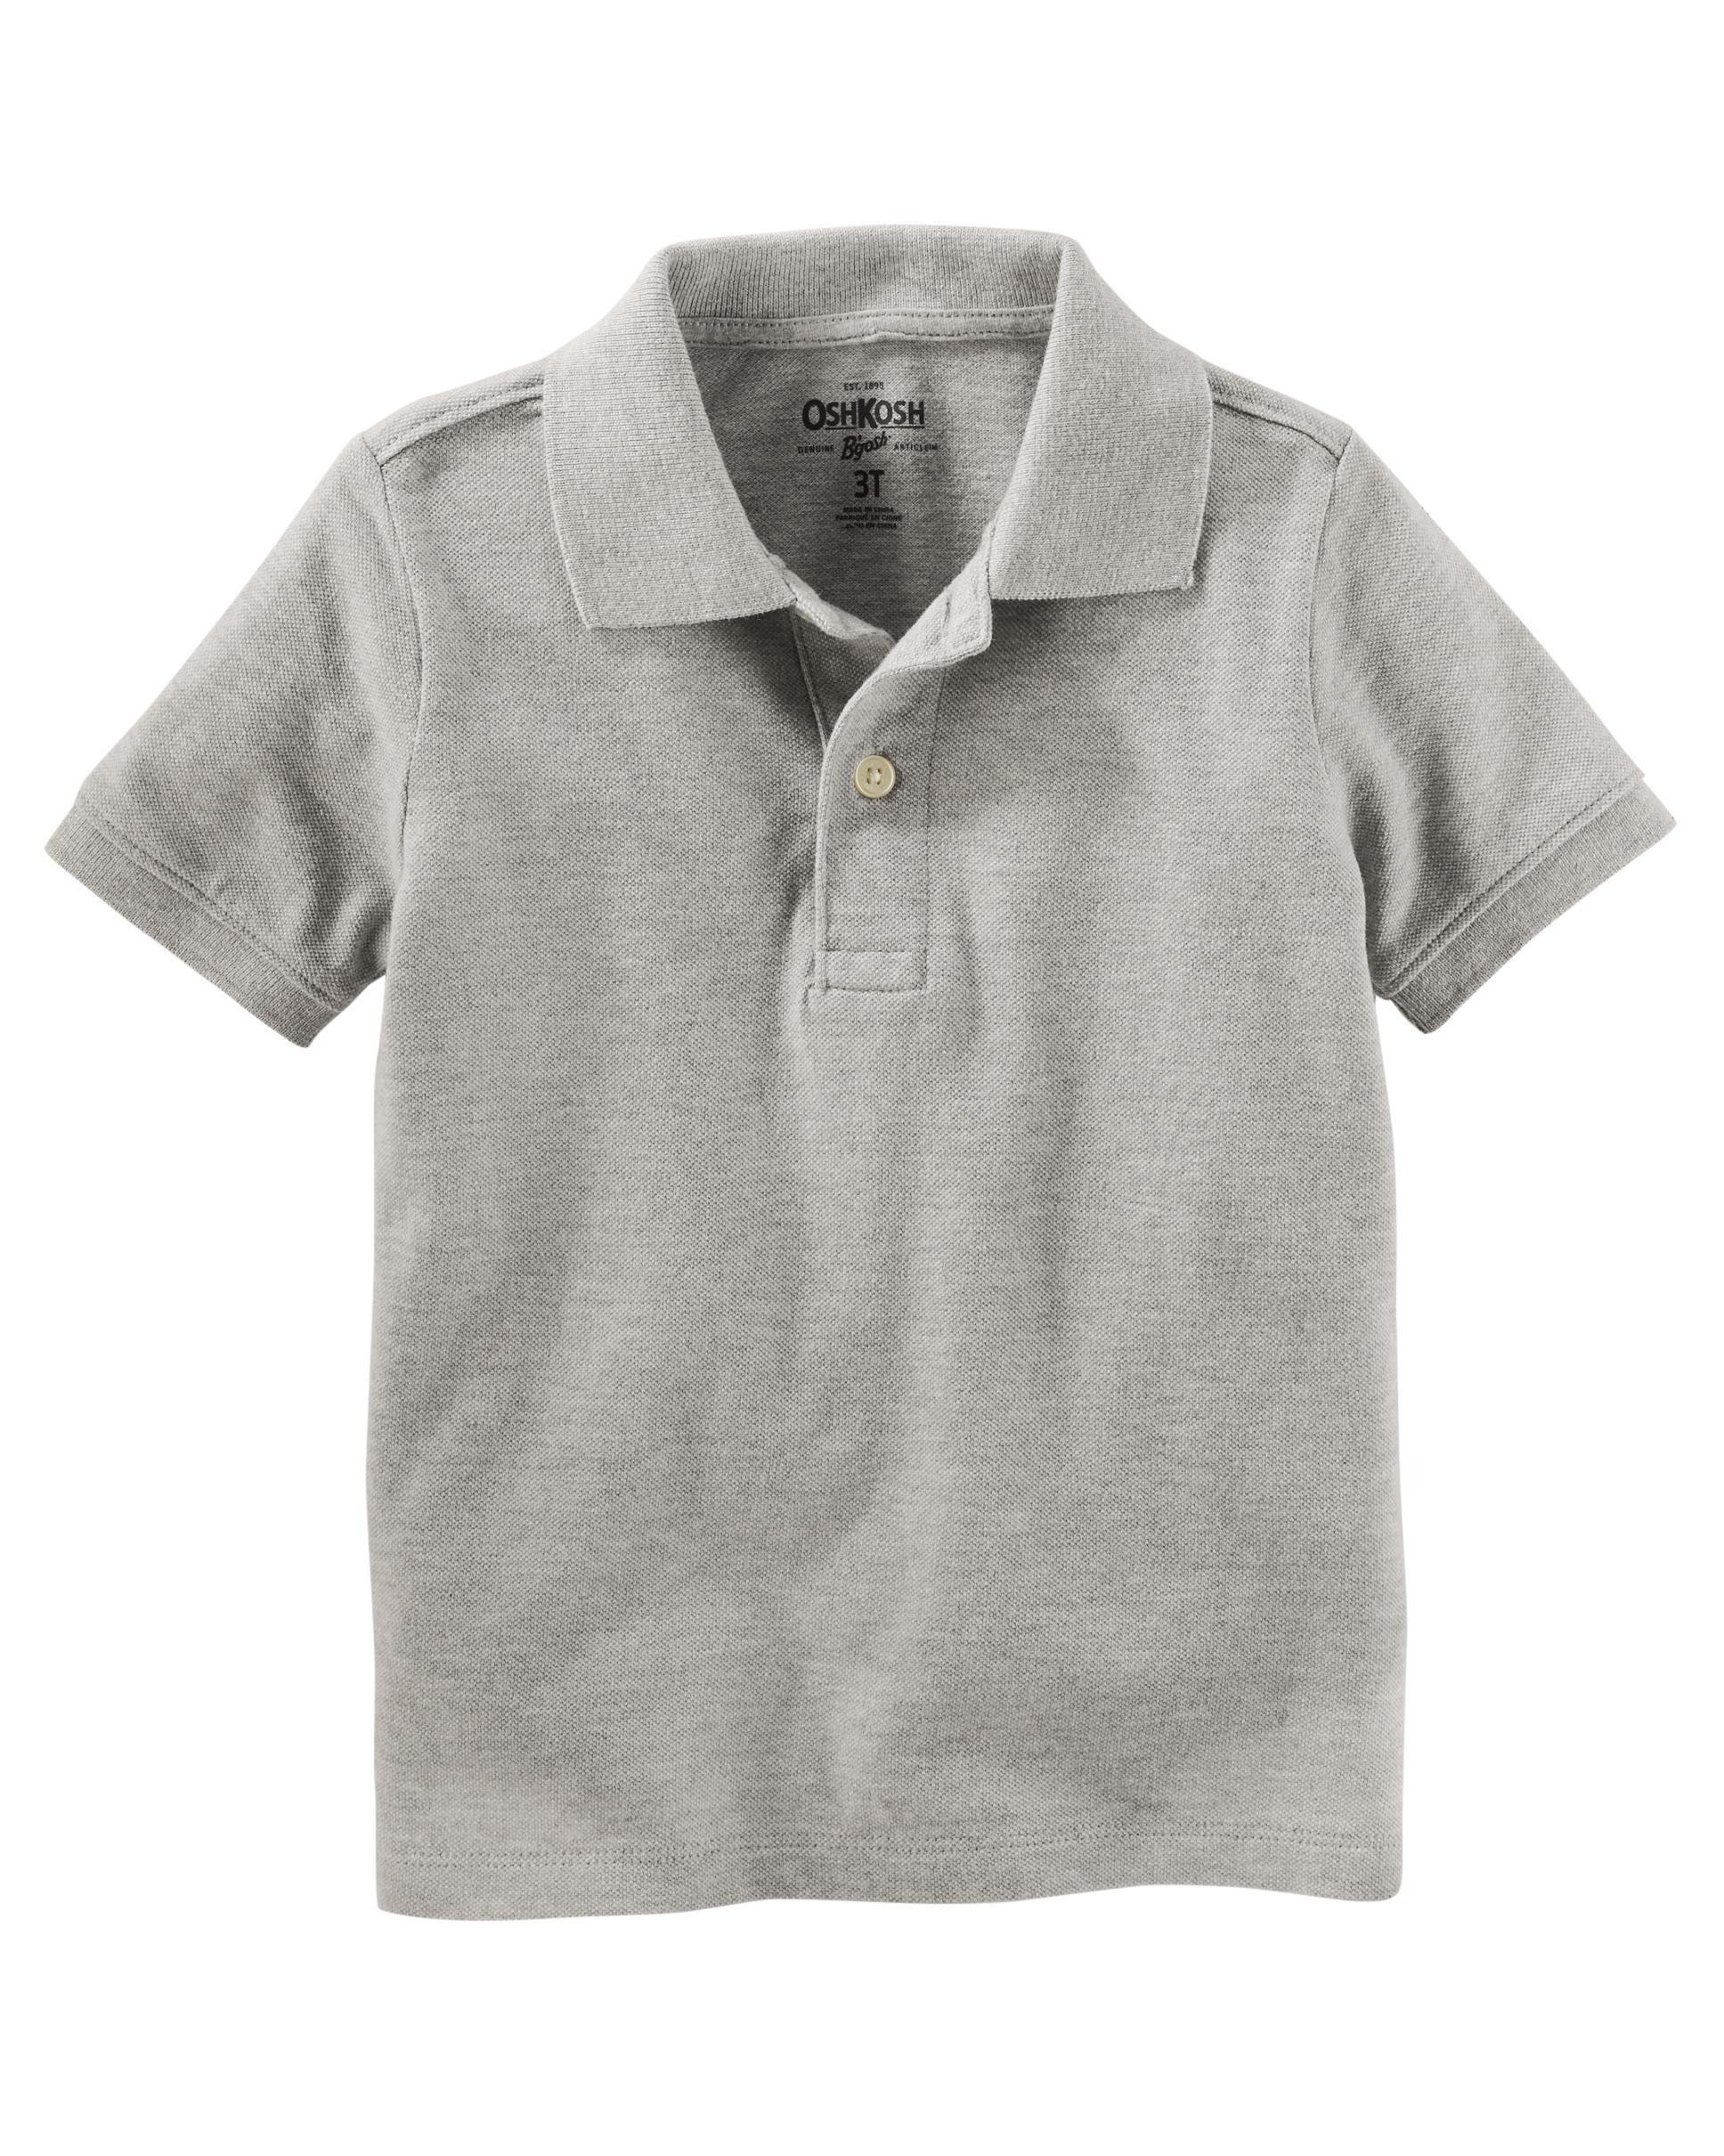 90d53277 Piqué Polo | bag2 | Baby boy outfits, Baby & toddler clothing, Boy ...